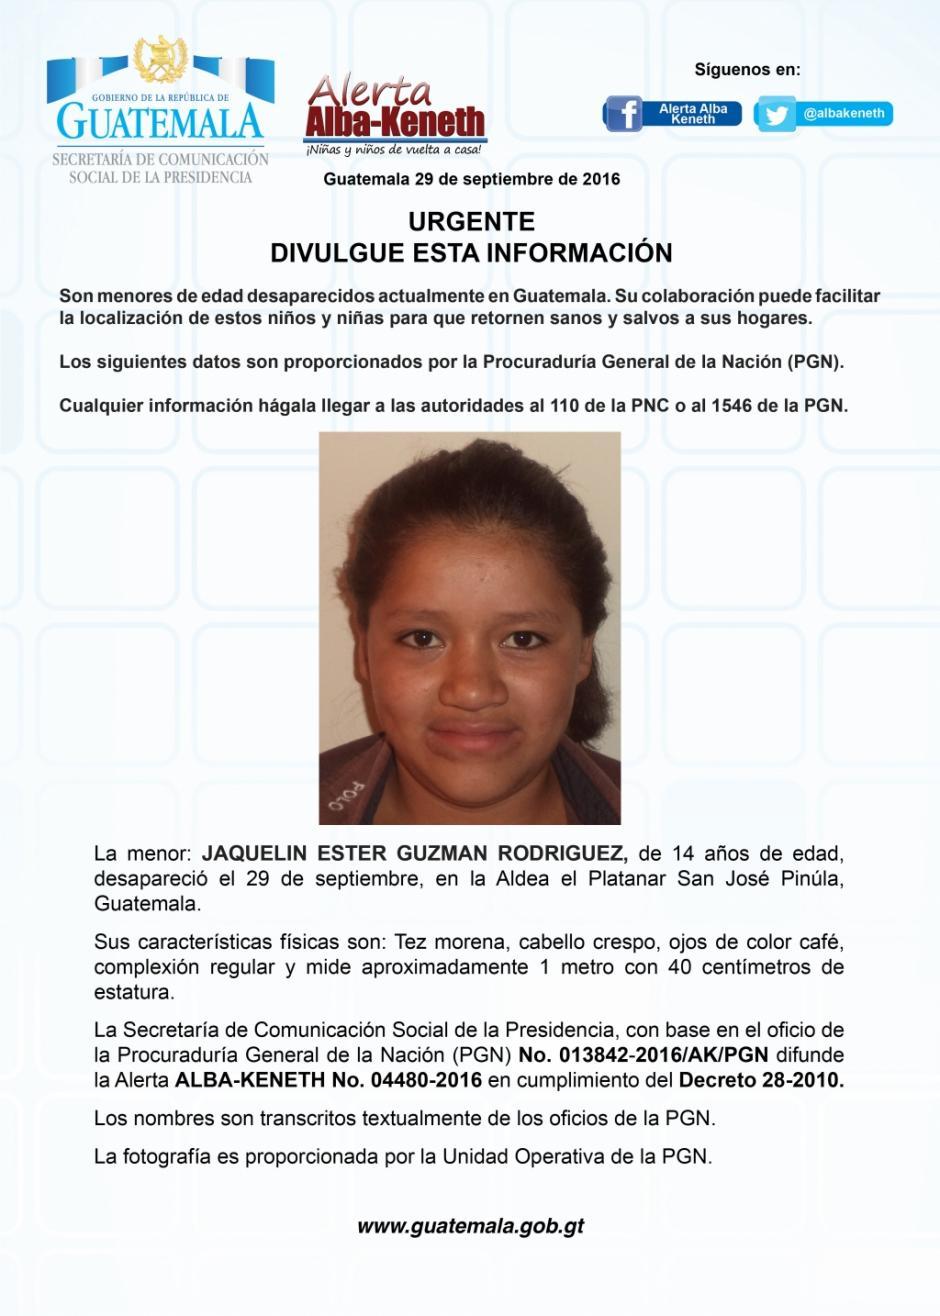 Las autoridades también buscan a Jaquelin Ester Guzmán Rodríguez. (Imagen: Twitter/Alerta Alba Keneth)